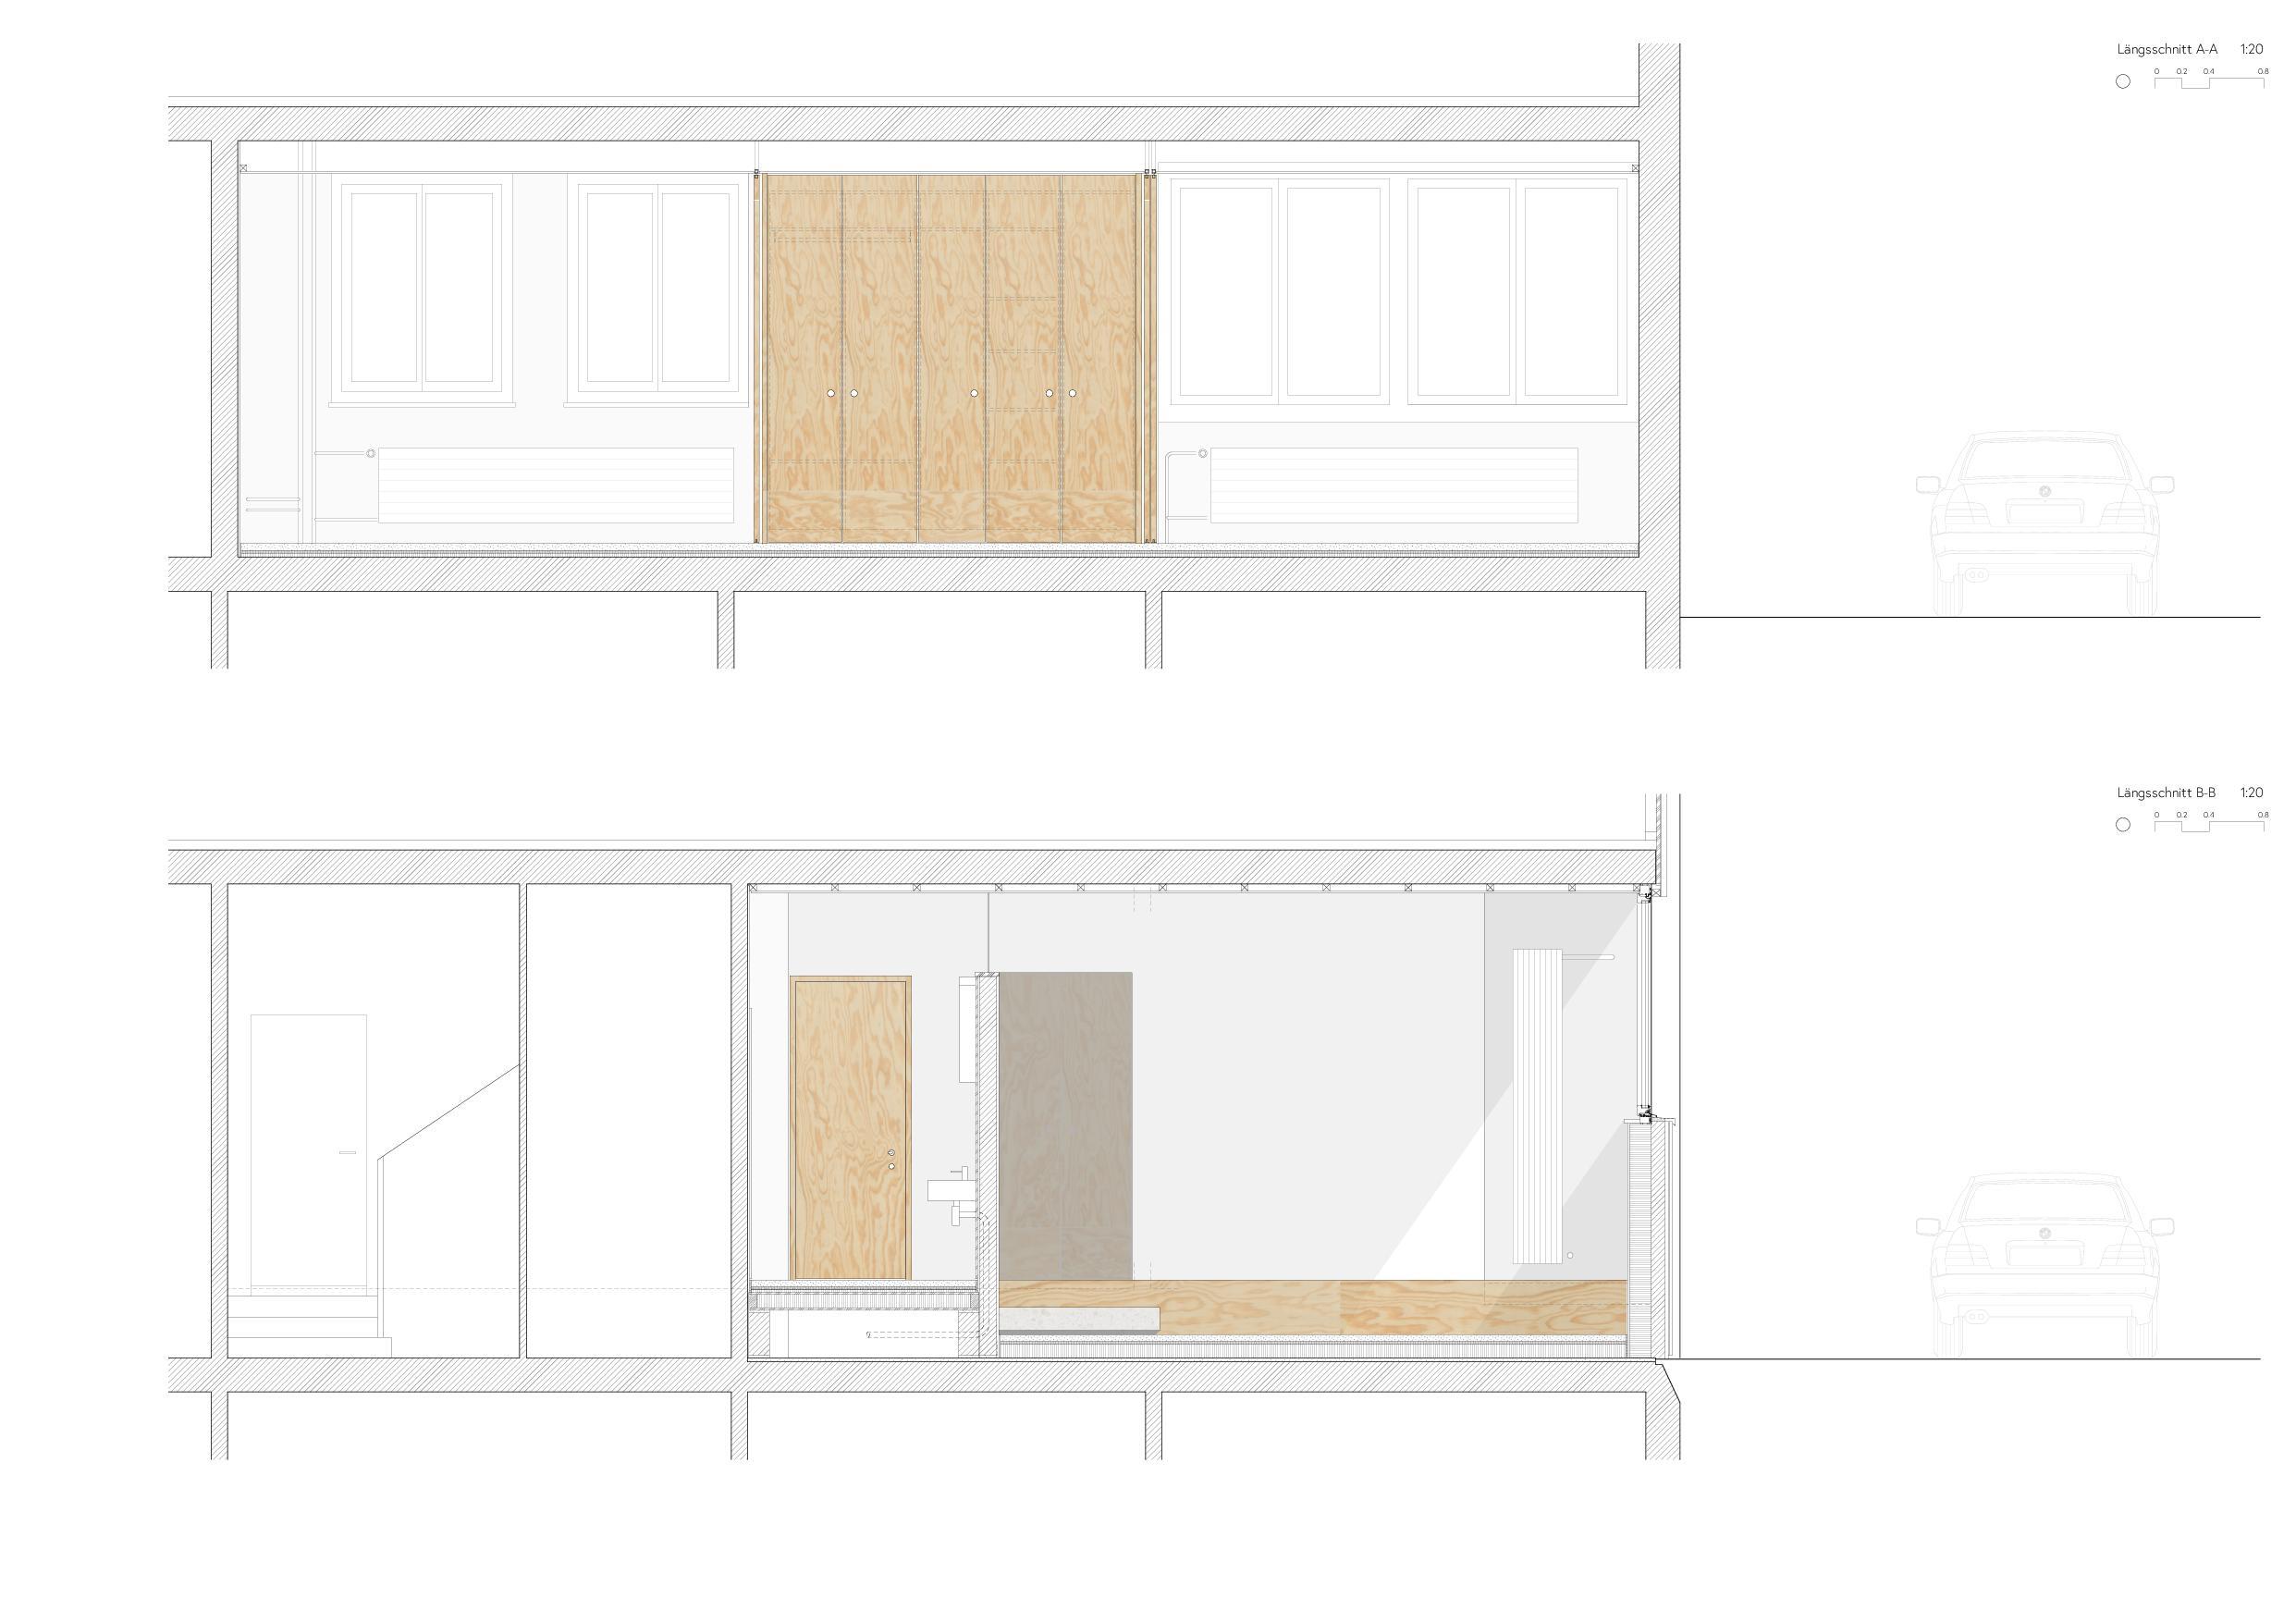 Längsschnitte Umbau Gewerbe zu Studio von Wir Architekten GmbH